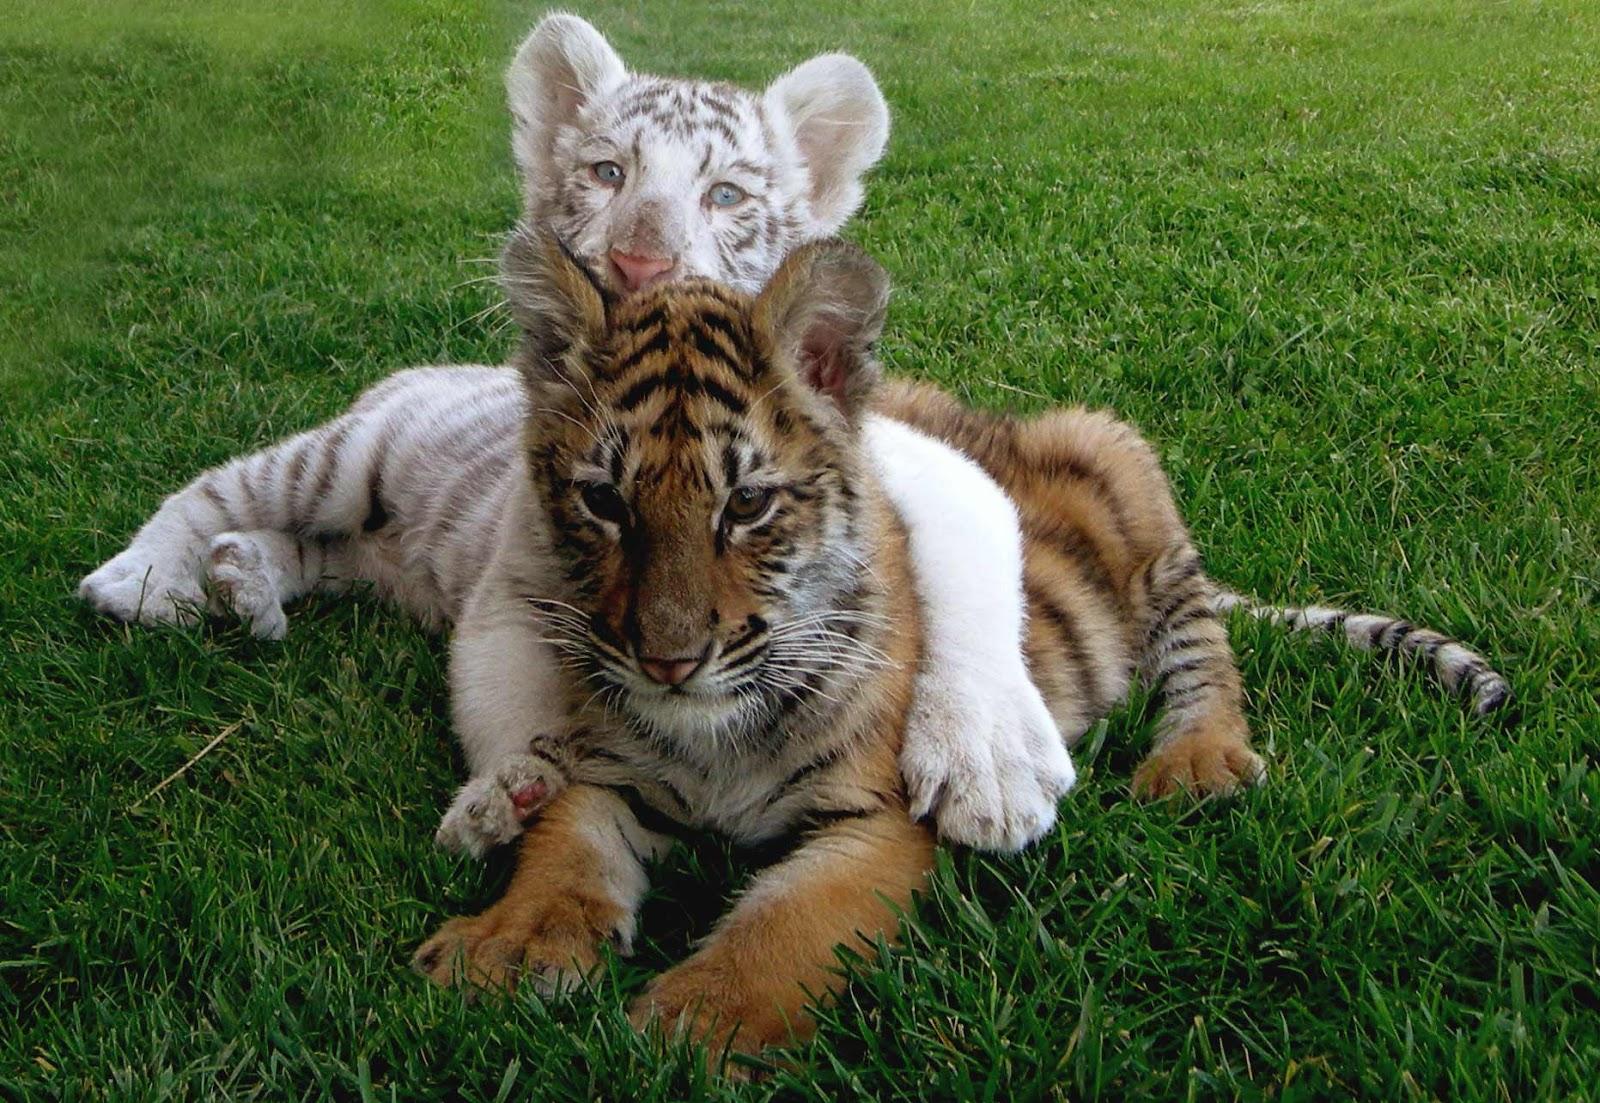 Tigre blanco mentira y verdad de una criatura fascinante - Banco blanco ...